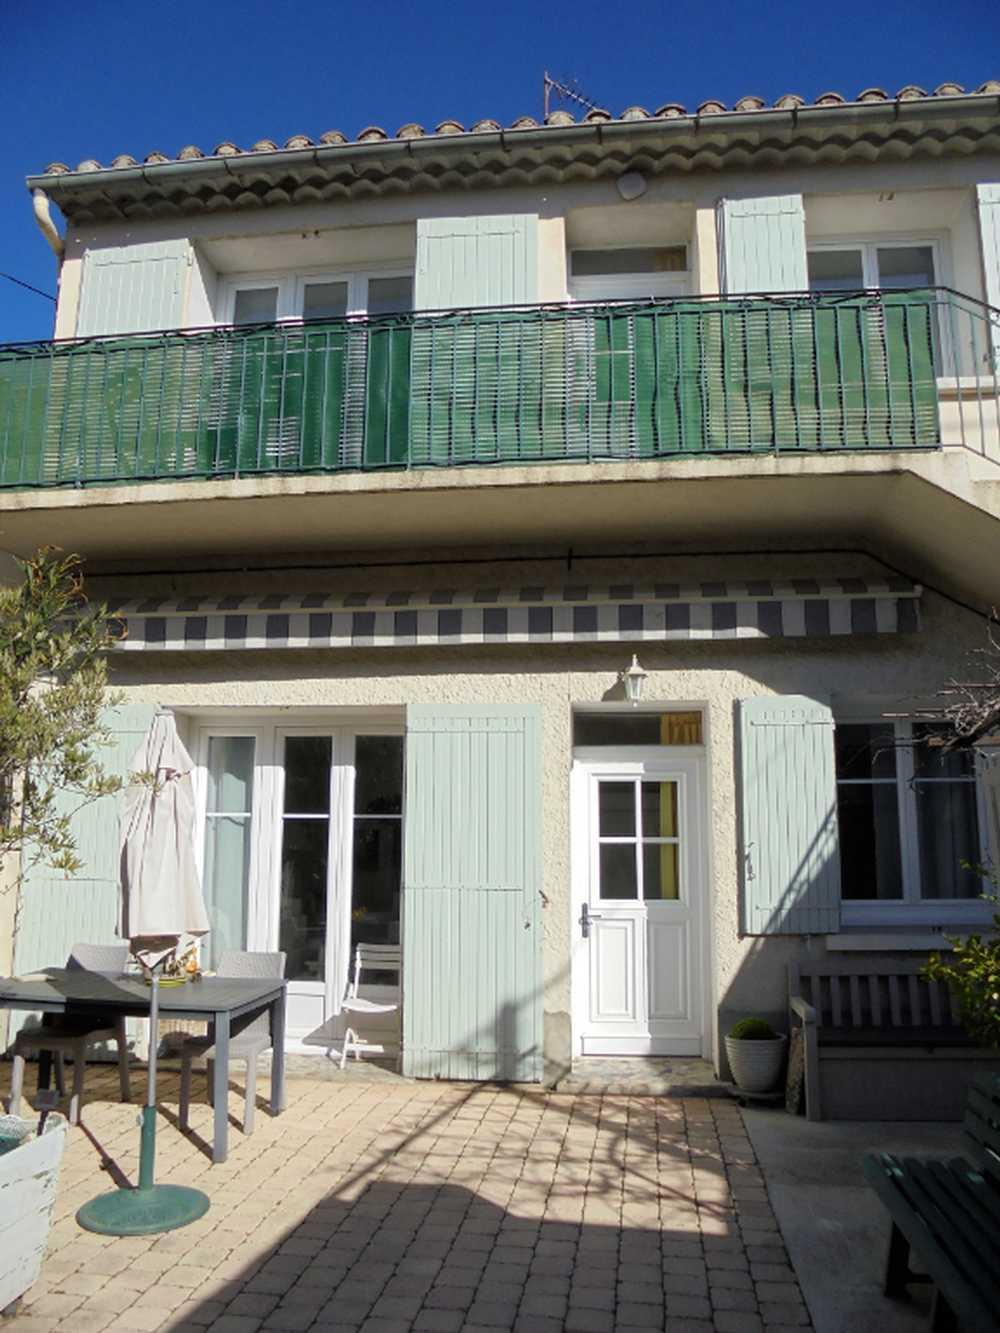 Morières-lès-Avignon Vaucluse Apartment Bild 3763178